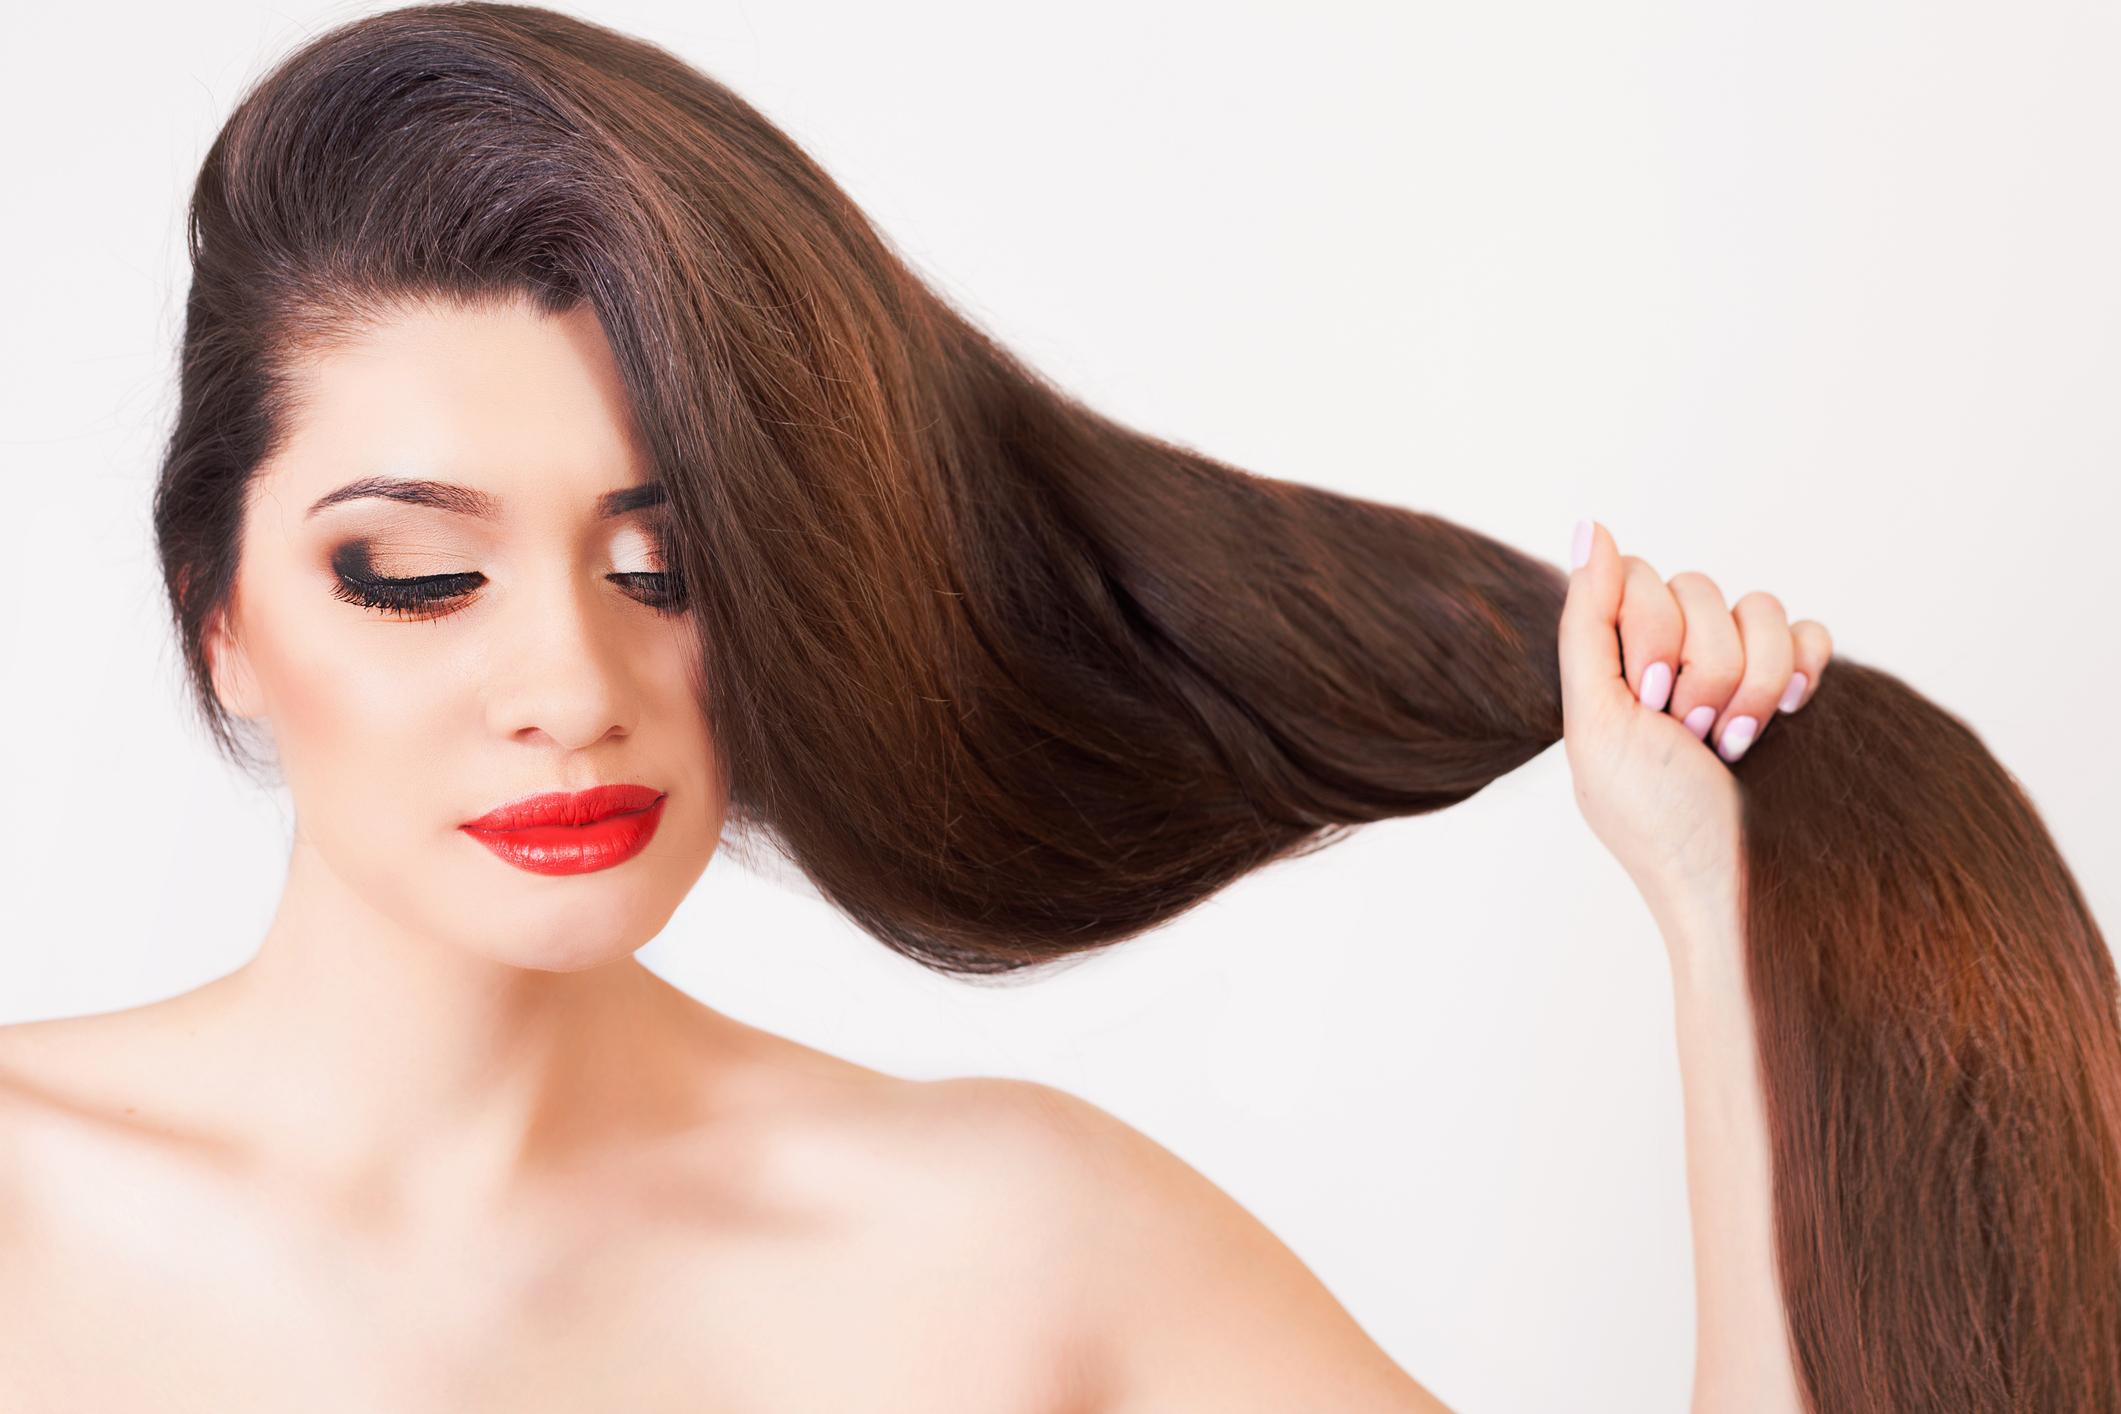 O desejo de toda mulher é ter cabelos sedosos e brilhantes. Para entender o processo da origem dos fios fortes e saudáveis é fundamental saber como funciona o couro cabeludo.